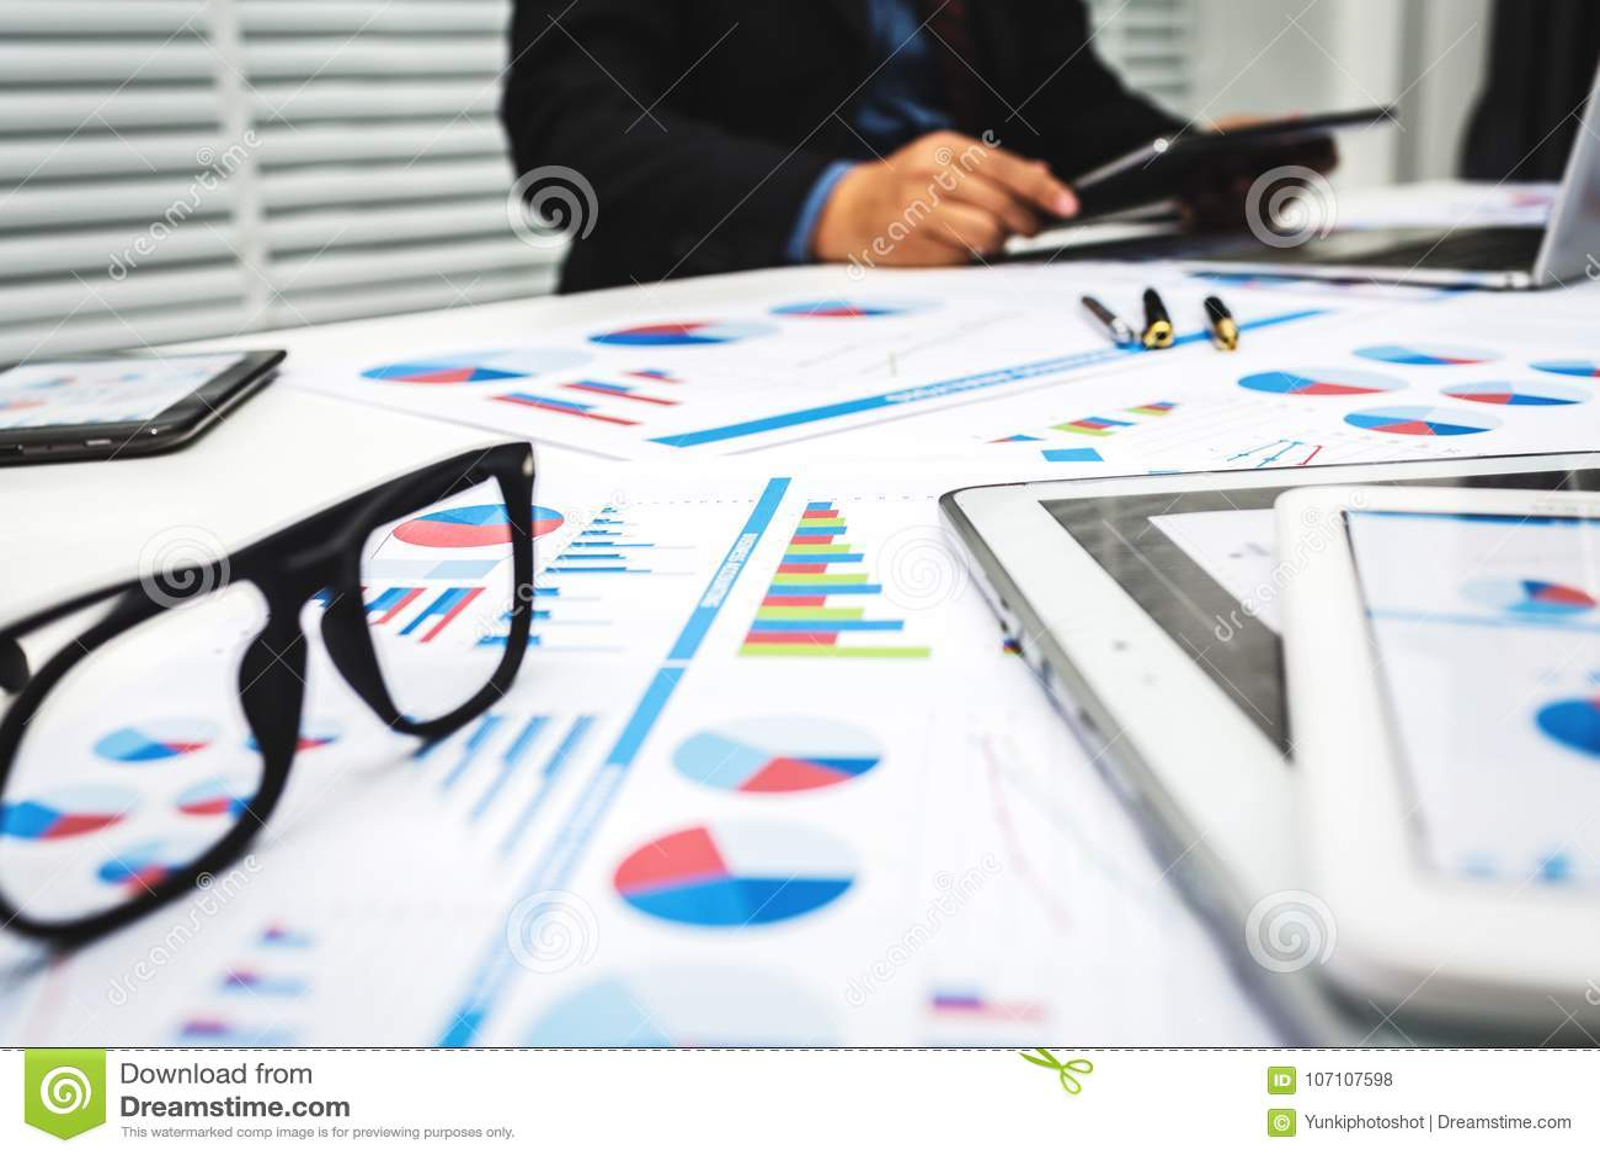 Банкиры анализируют финансовые данные